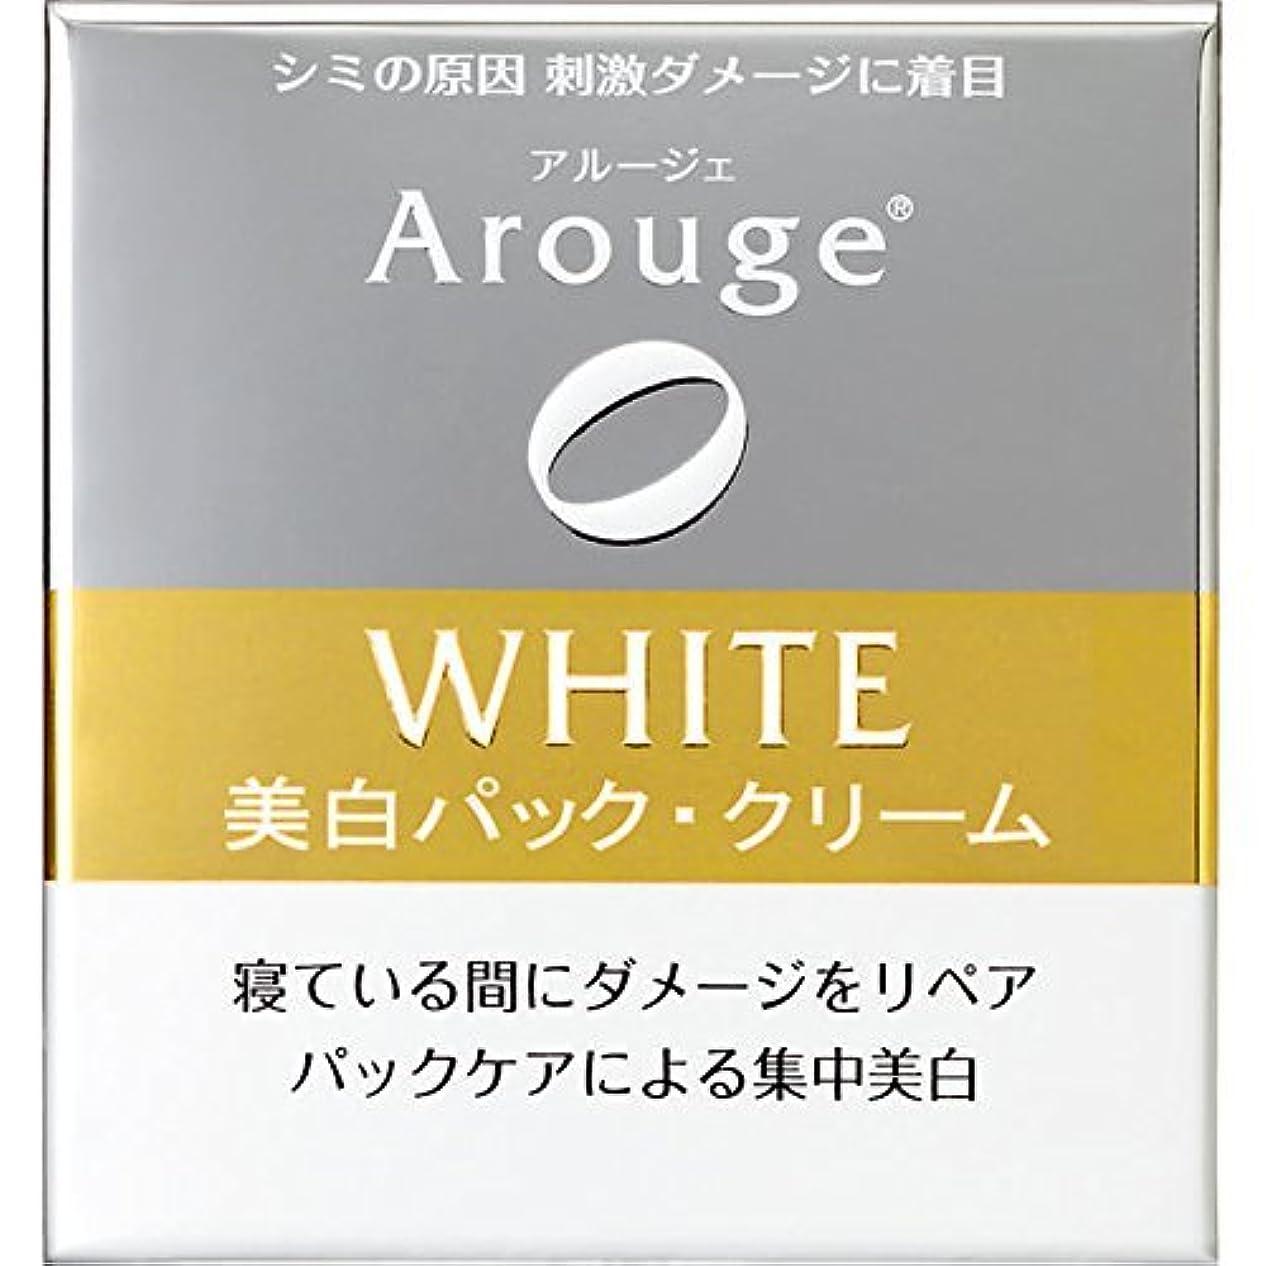 残酷アピール赤アルージェ ホワイトニングリペアクリーム 30g